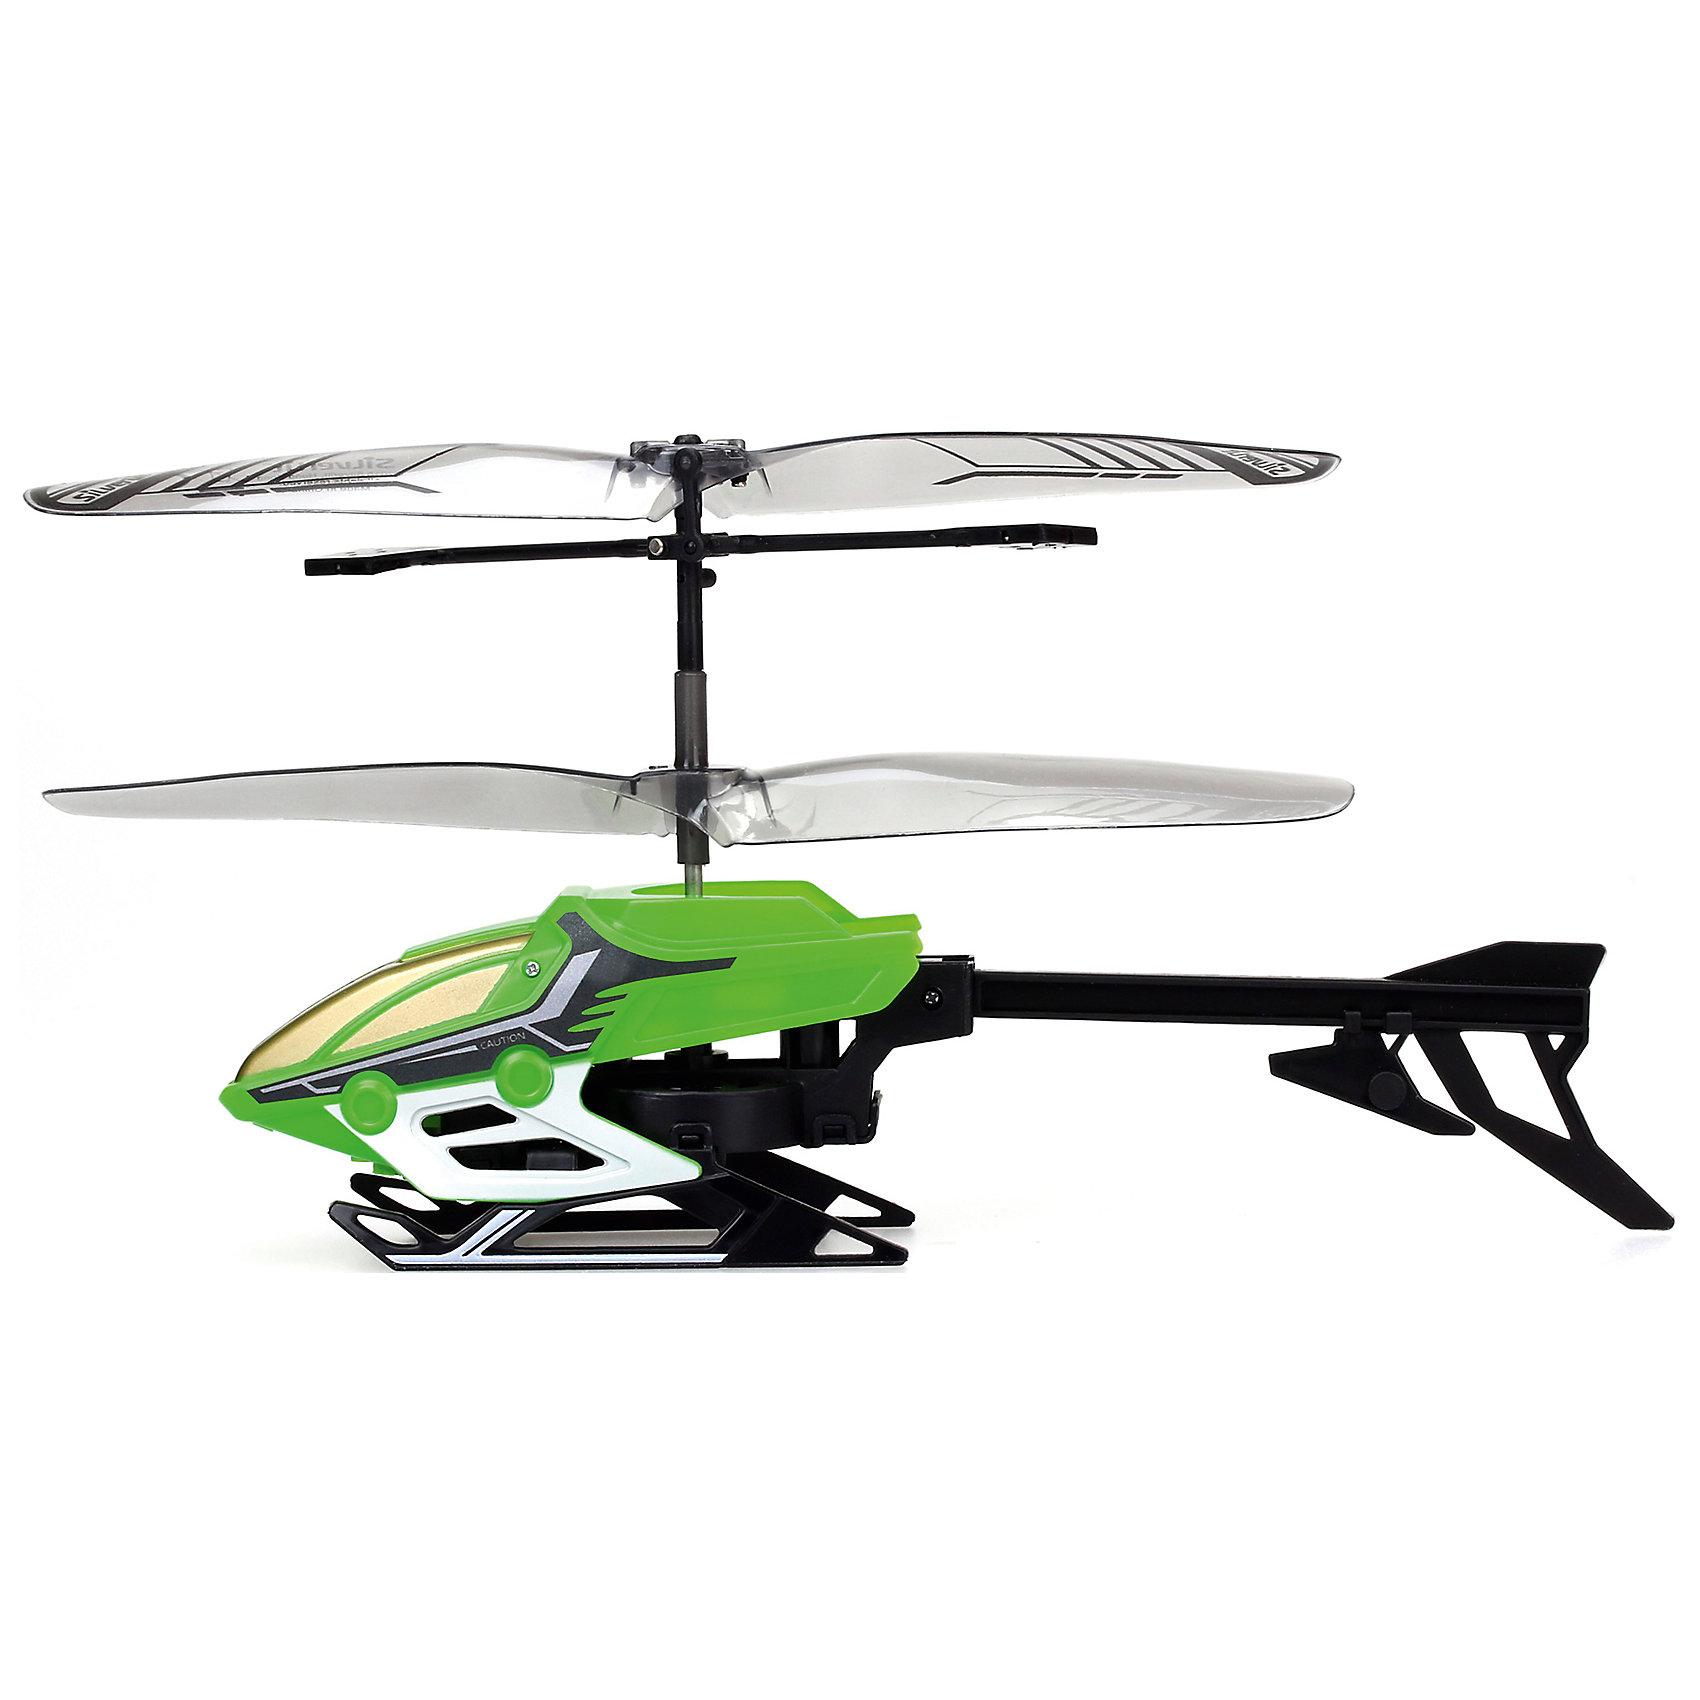 Вертолет 2-х канальный Alpha Y, SilverlitСамолёты и вертолёты<br>Вертолет 2-х канальный Alpha Y, Silverlit.<br><br>Характеристики:<br><br>- Комплектация: вертолет, пульт управления, аккумулятор<br>- Батарейки: 4 х АА / LR6 1.5V<br>- Длина вертолет: 16 см.<br>- Материал: пластик, металл<br>- Количество каналов: 2<br>- Время зарядки аккумулятора: 25-40 минут<br>- Упаковка: картонная коробка блистерного типа<br><br>Радиоуправляемый вертолёт Alpha Y от торговой марки Silverlit выглядит очень реалистично и управляется при помощи двухканального радио-пульта. Он имеет 2 режима управления: обычный и режим «простое управление». Система сглаживания резкого нажатия на рычаг газа позволяет вертолету летать медленно и стабильно. Вертолет работает от аккумулятора, его можно использовать как на улице, так и в закрытых помещениях. Игрушка способствует развитию моторики и логики, учит координации в пространстве, тренирует реакцию и сообразительность. Продукция сертифицирована, экологически безопасна для ребенка, использованные красители не токсичны и гипоаллергенны.<br><br>Вертолет 2-х канальный Alpha Y, Silverlit можно купить в нашем интернет-магазине.<br><br>Ширина мм: 165<br>Глубина мм: 89<br>Высота мм: 279<br>Вес г: 366<br>Возраст от месяцев: 36<br>Возраст до месяцев: 2147483647<br>Пол: Унисекс<br>Возраст: Детский<br>SKU: 5059837